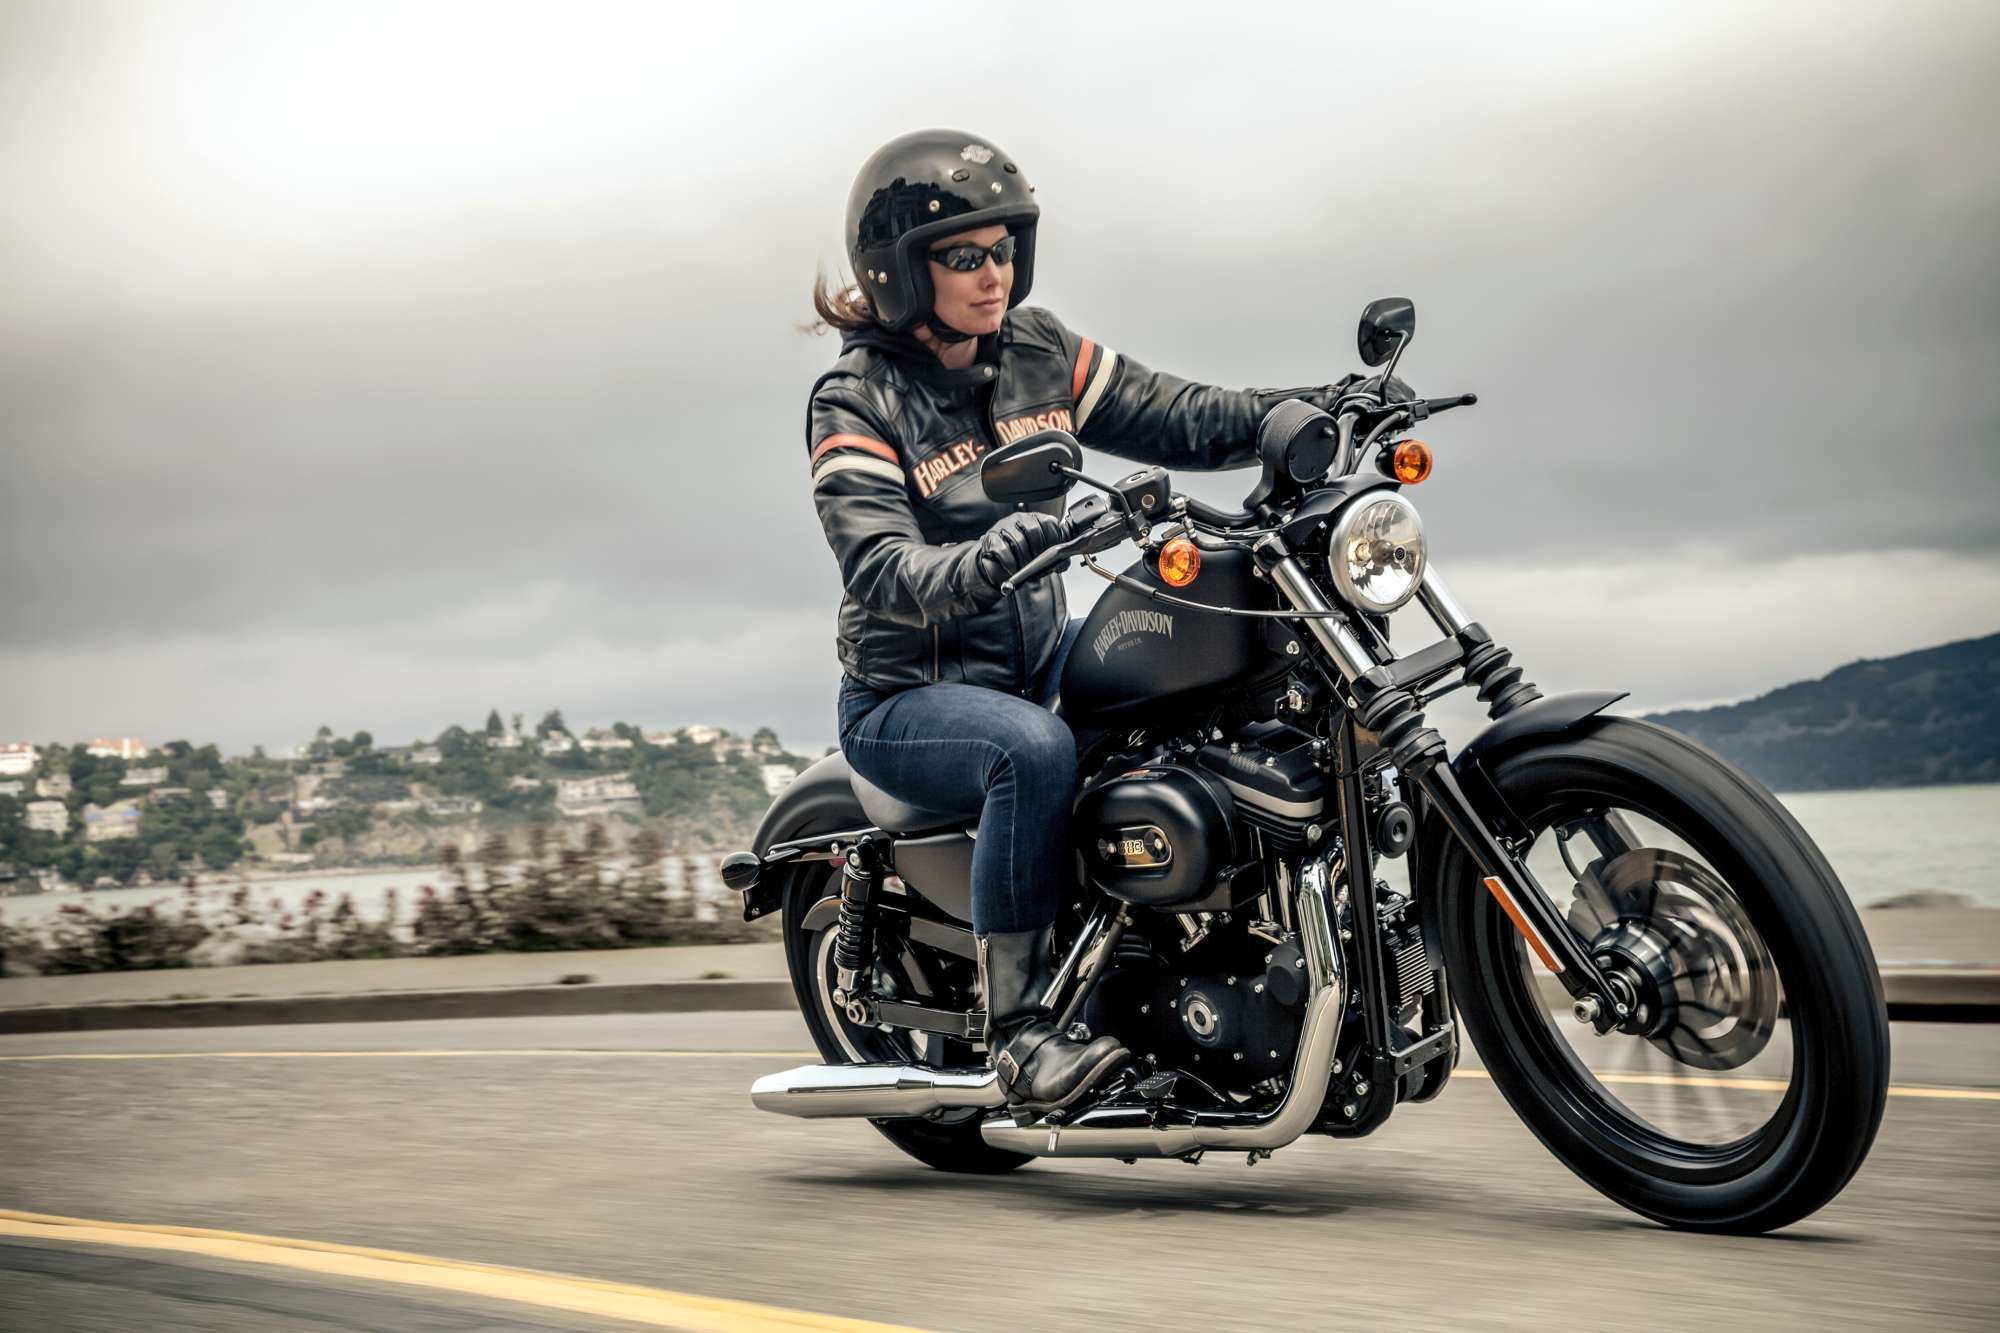 HARLEY DAVIDSON Sportster XL 883 N Iron Naked Bike Bilder und technische Daten